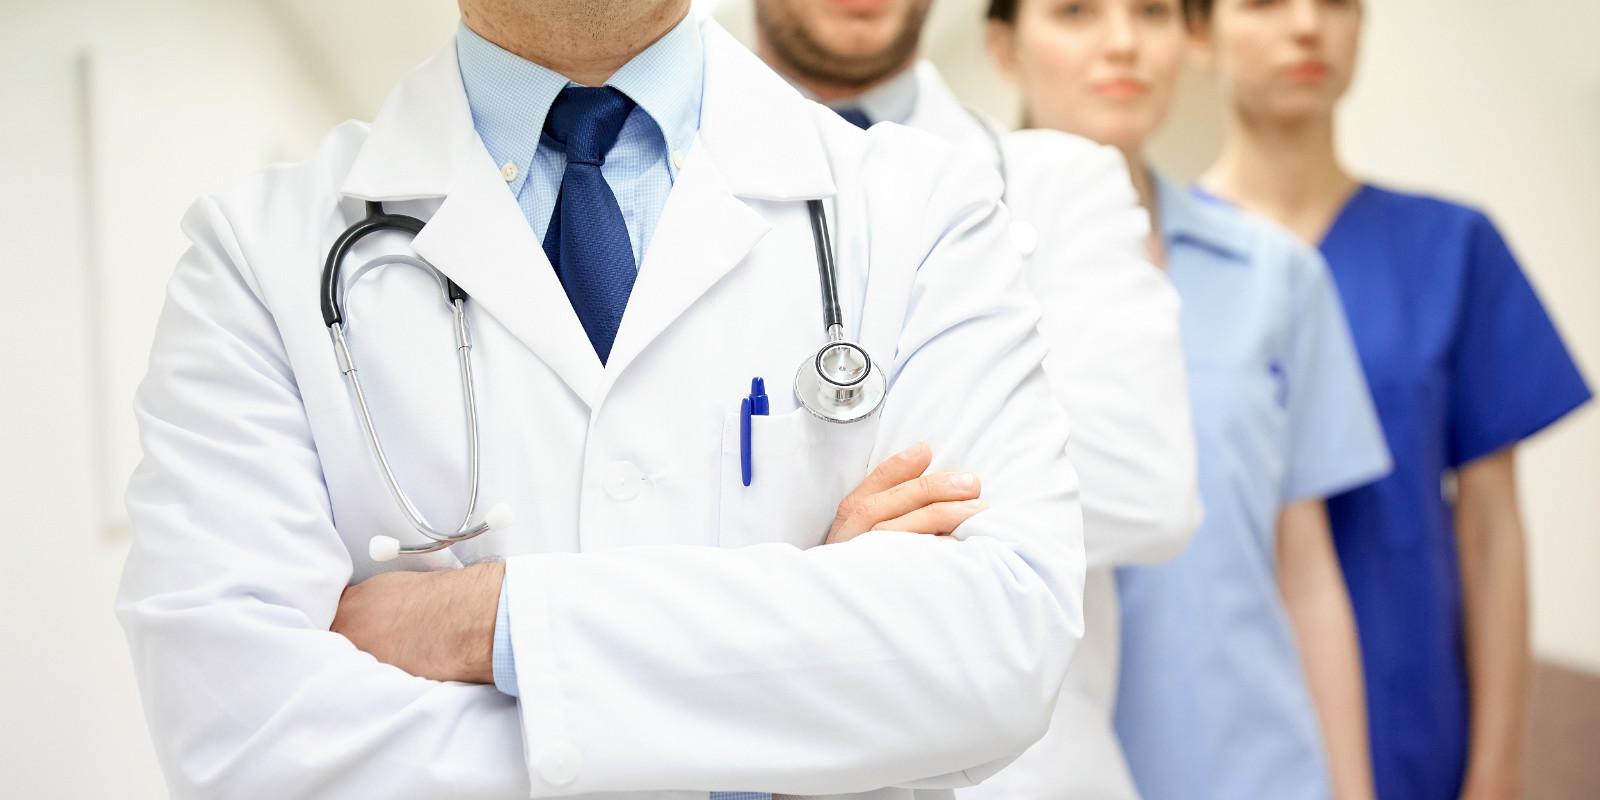 狐观医改 | 苹果、亚马逊接连开诊所,服务员工还是另有目的?